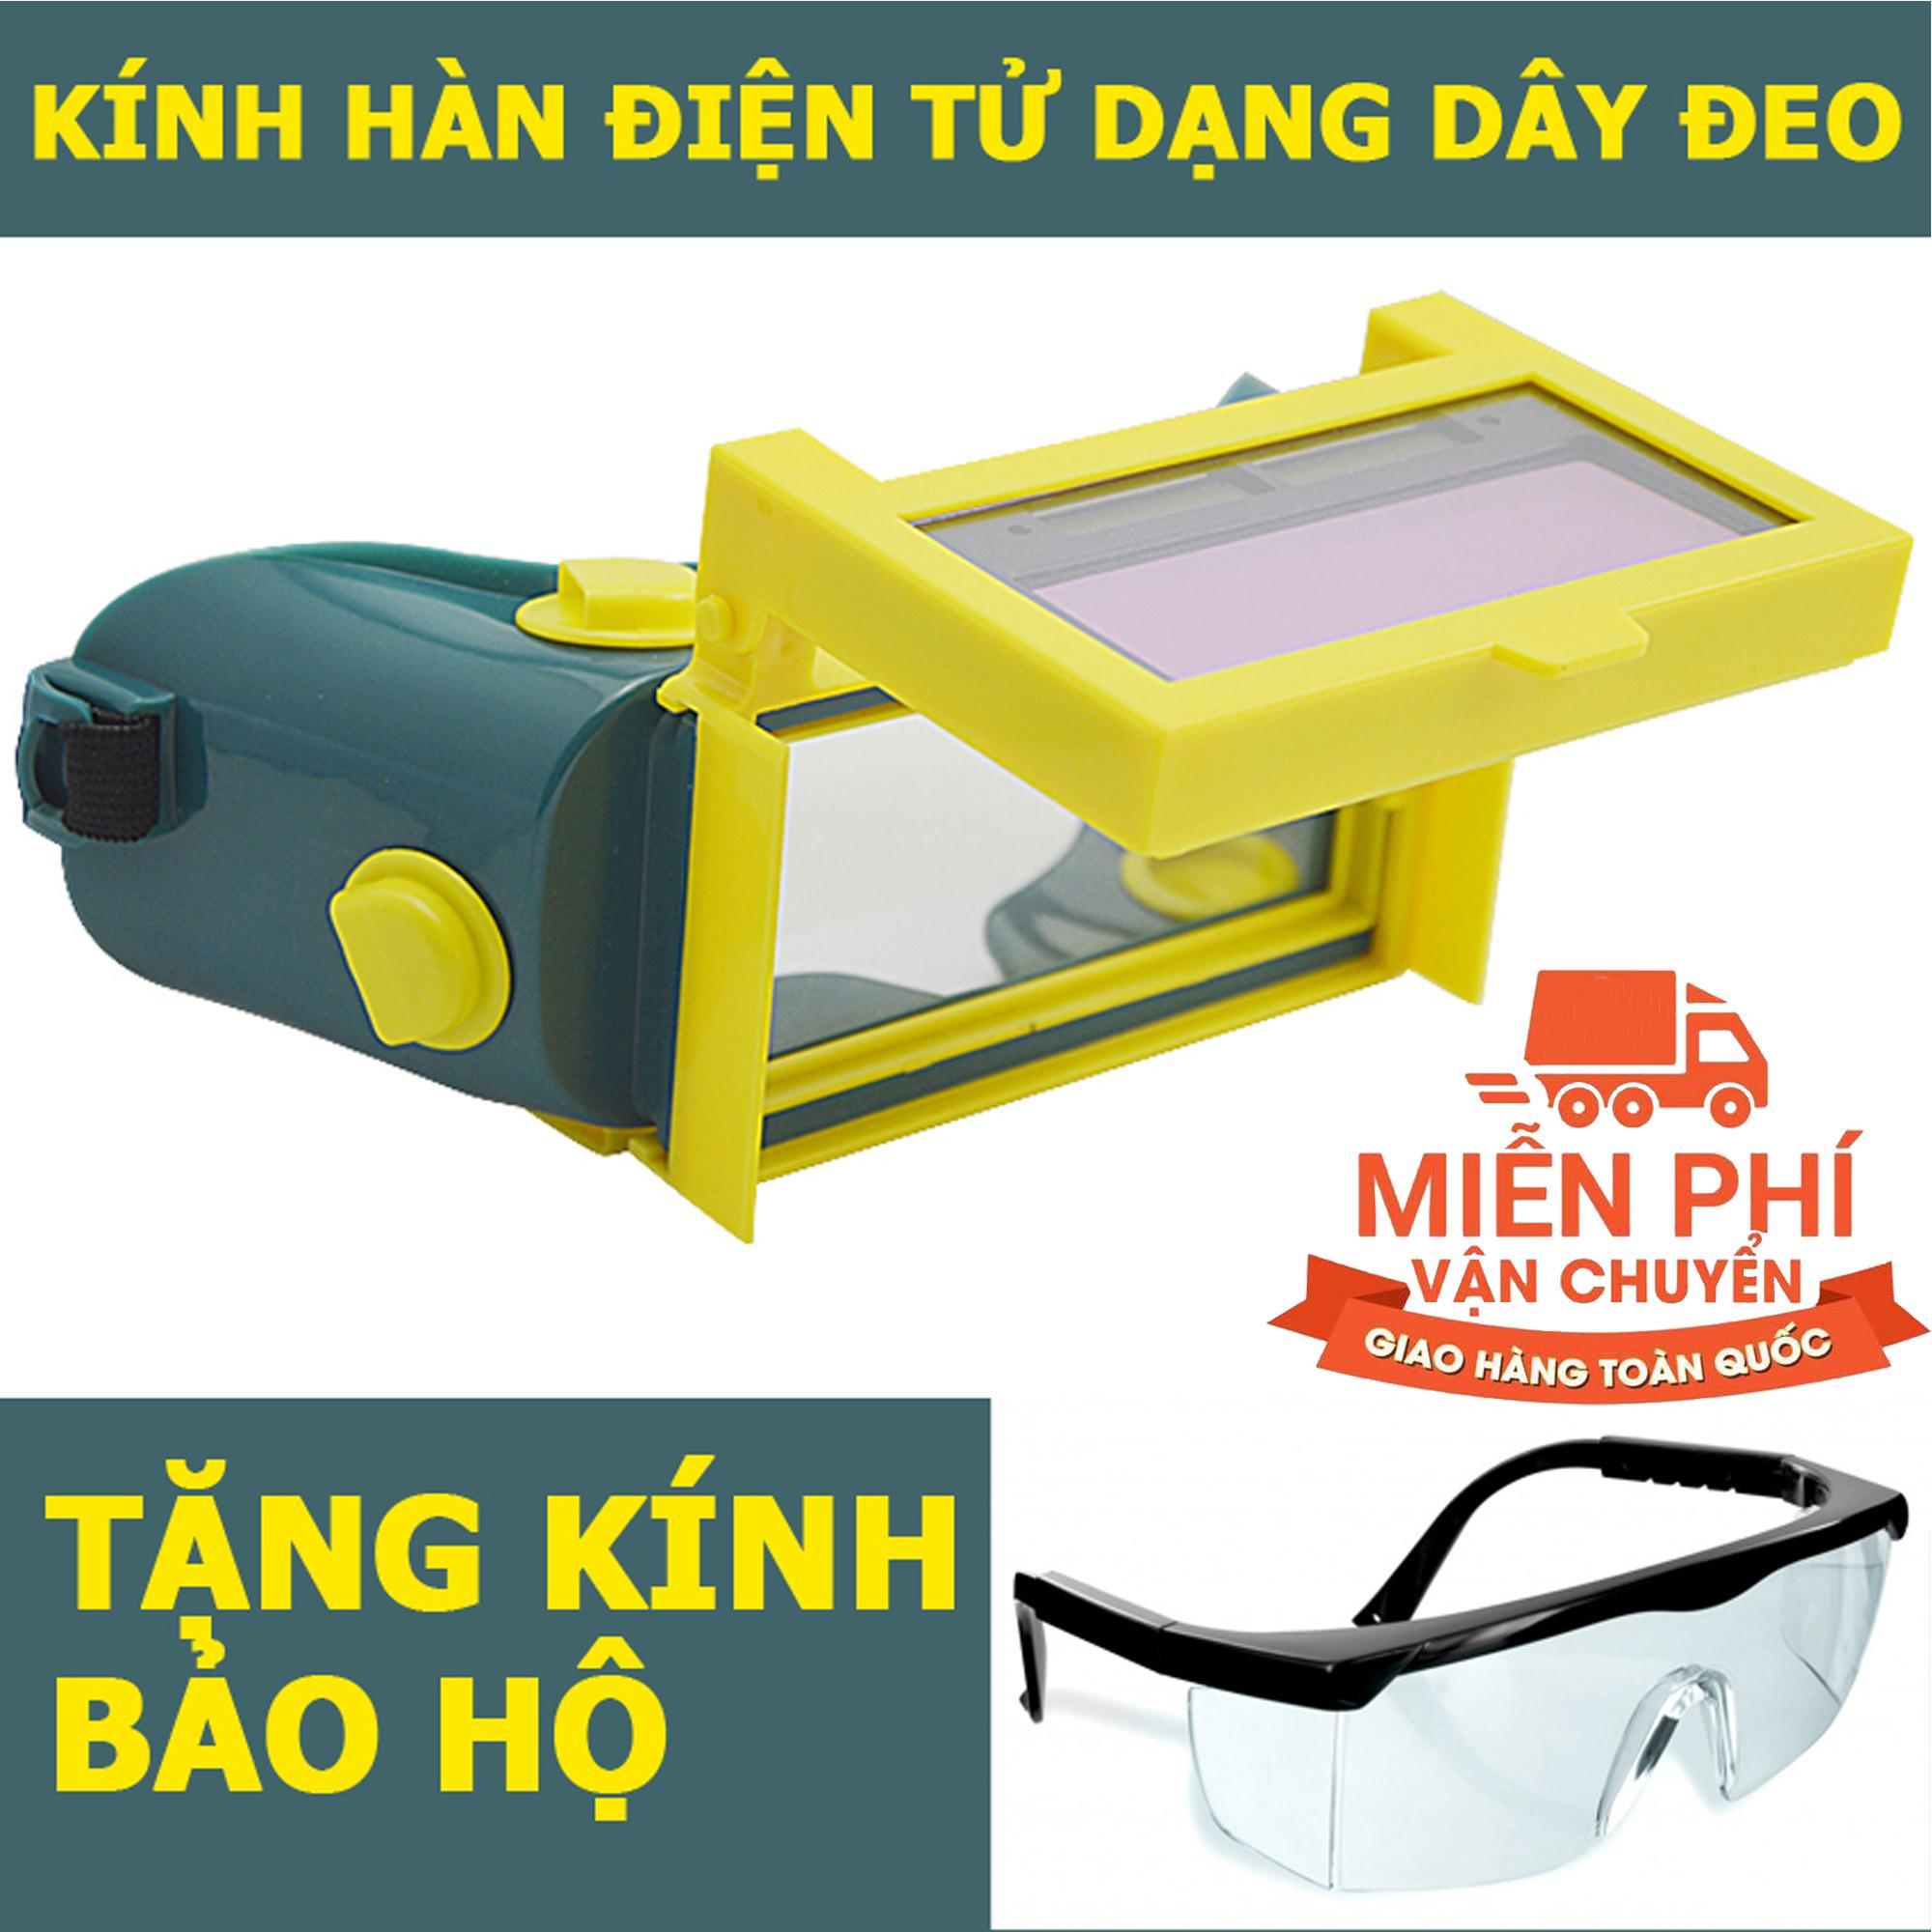 Kính hàn điện tử tự động cảm biến ánh sáng KH02 + Tặng kính bảo hộ